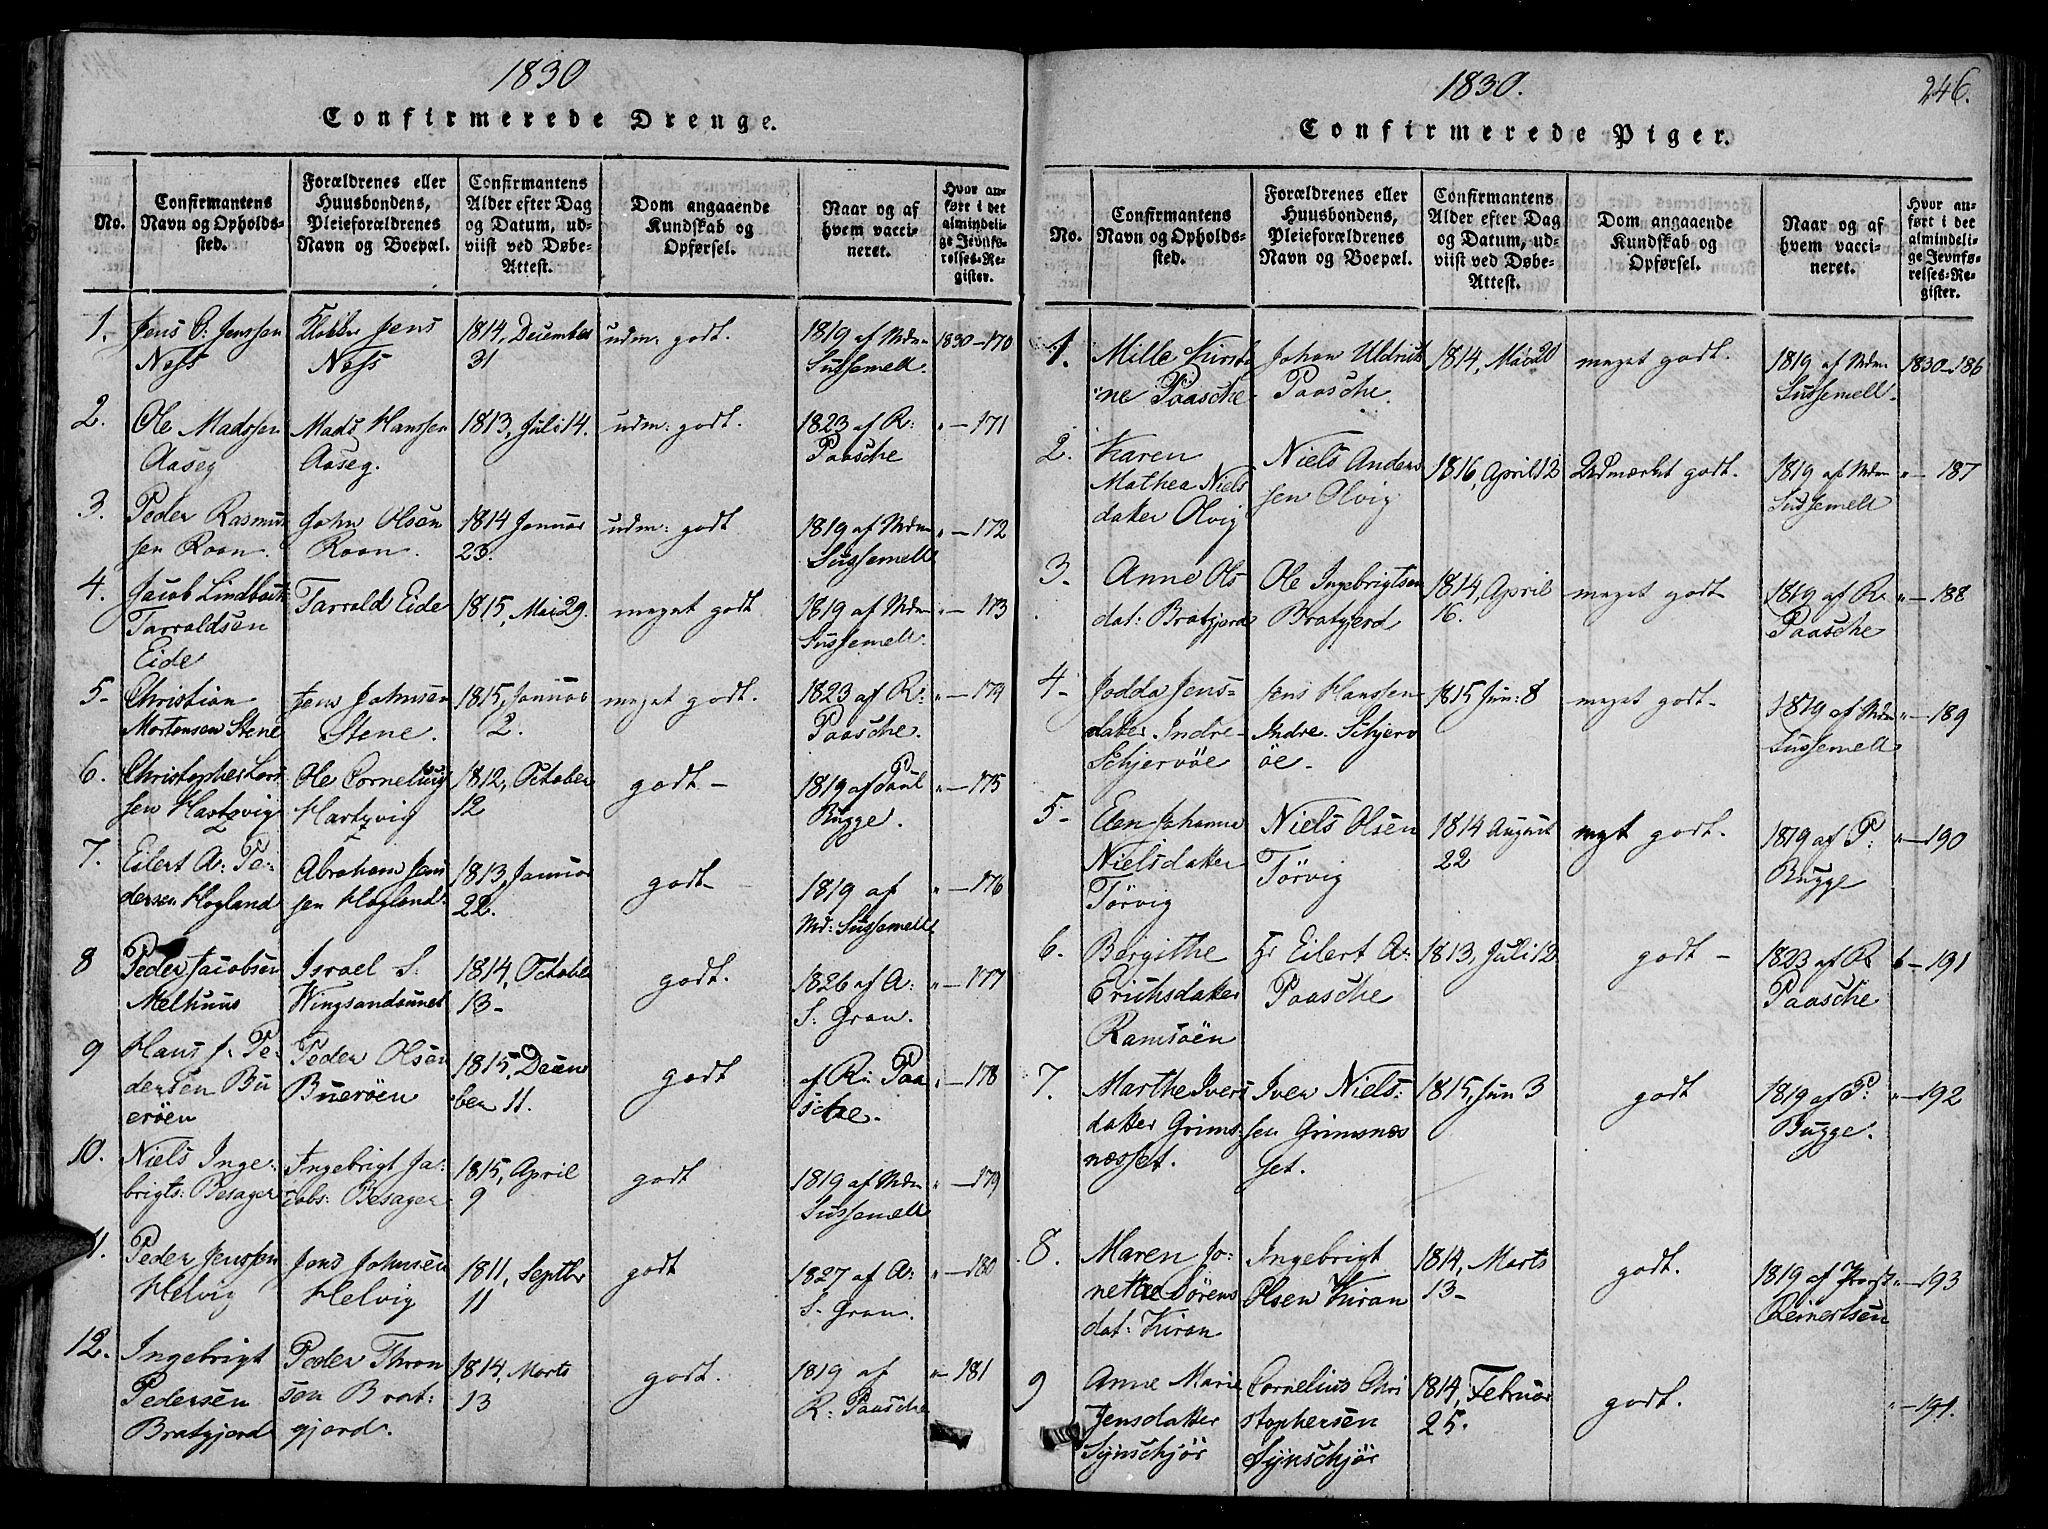 SAT, Ministerialprotokoller, klokkerbøker og fødselsregistre - Sør-Trøndelag, 657/L0702: Ministerialbok nr. 657A03, 1818-1831, s. 246